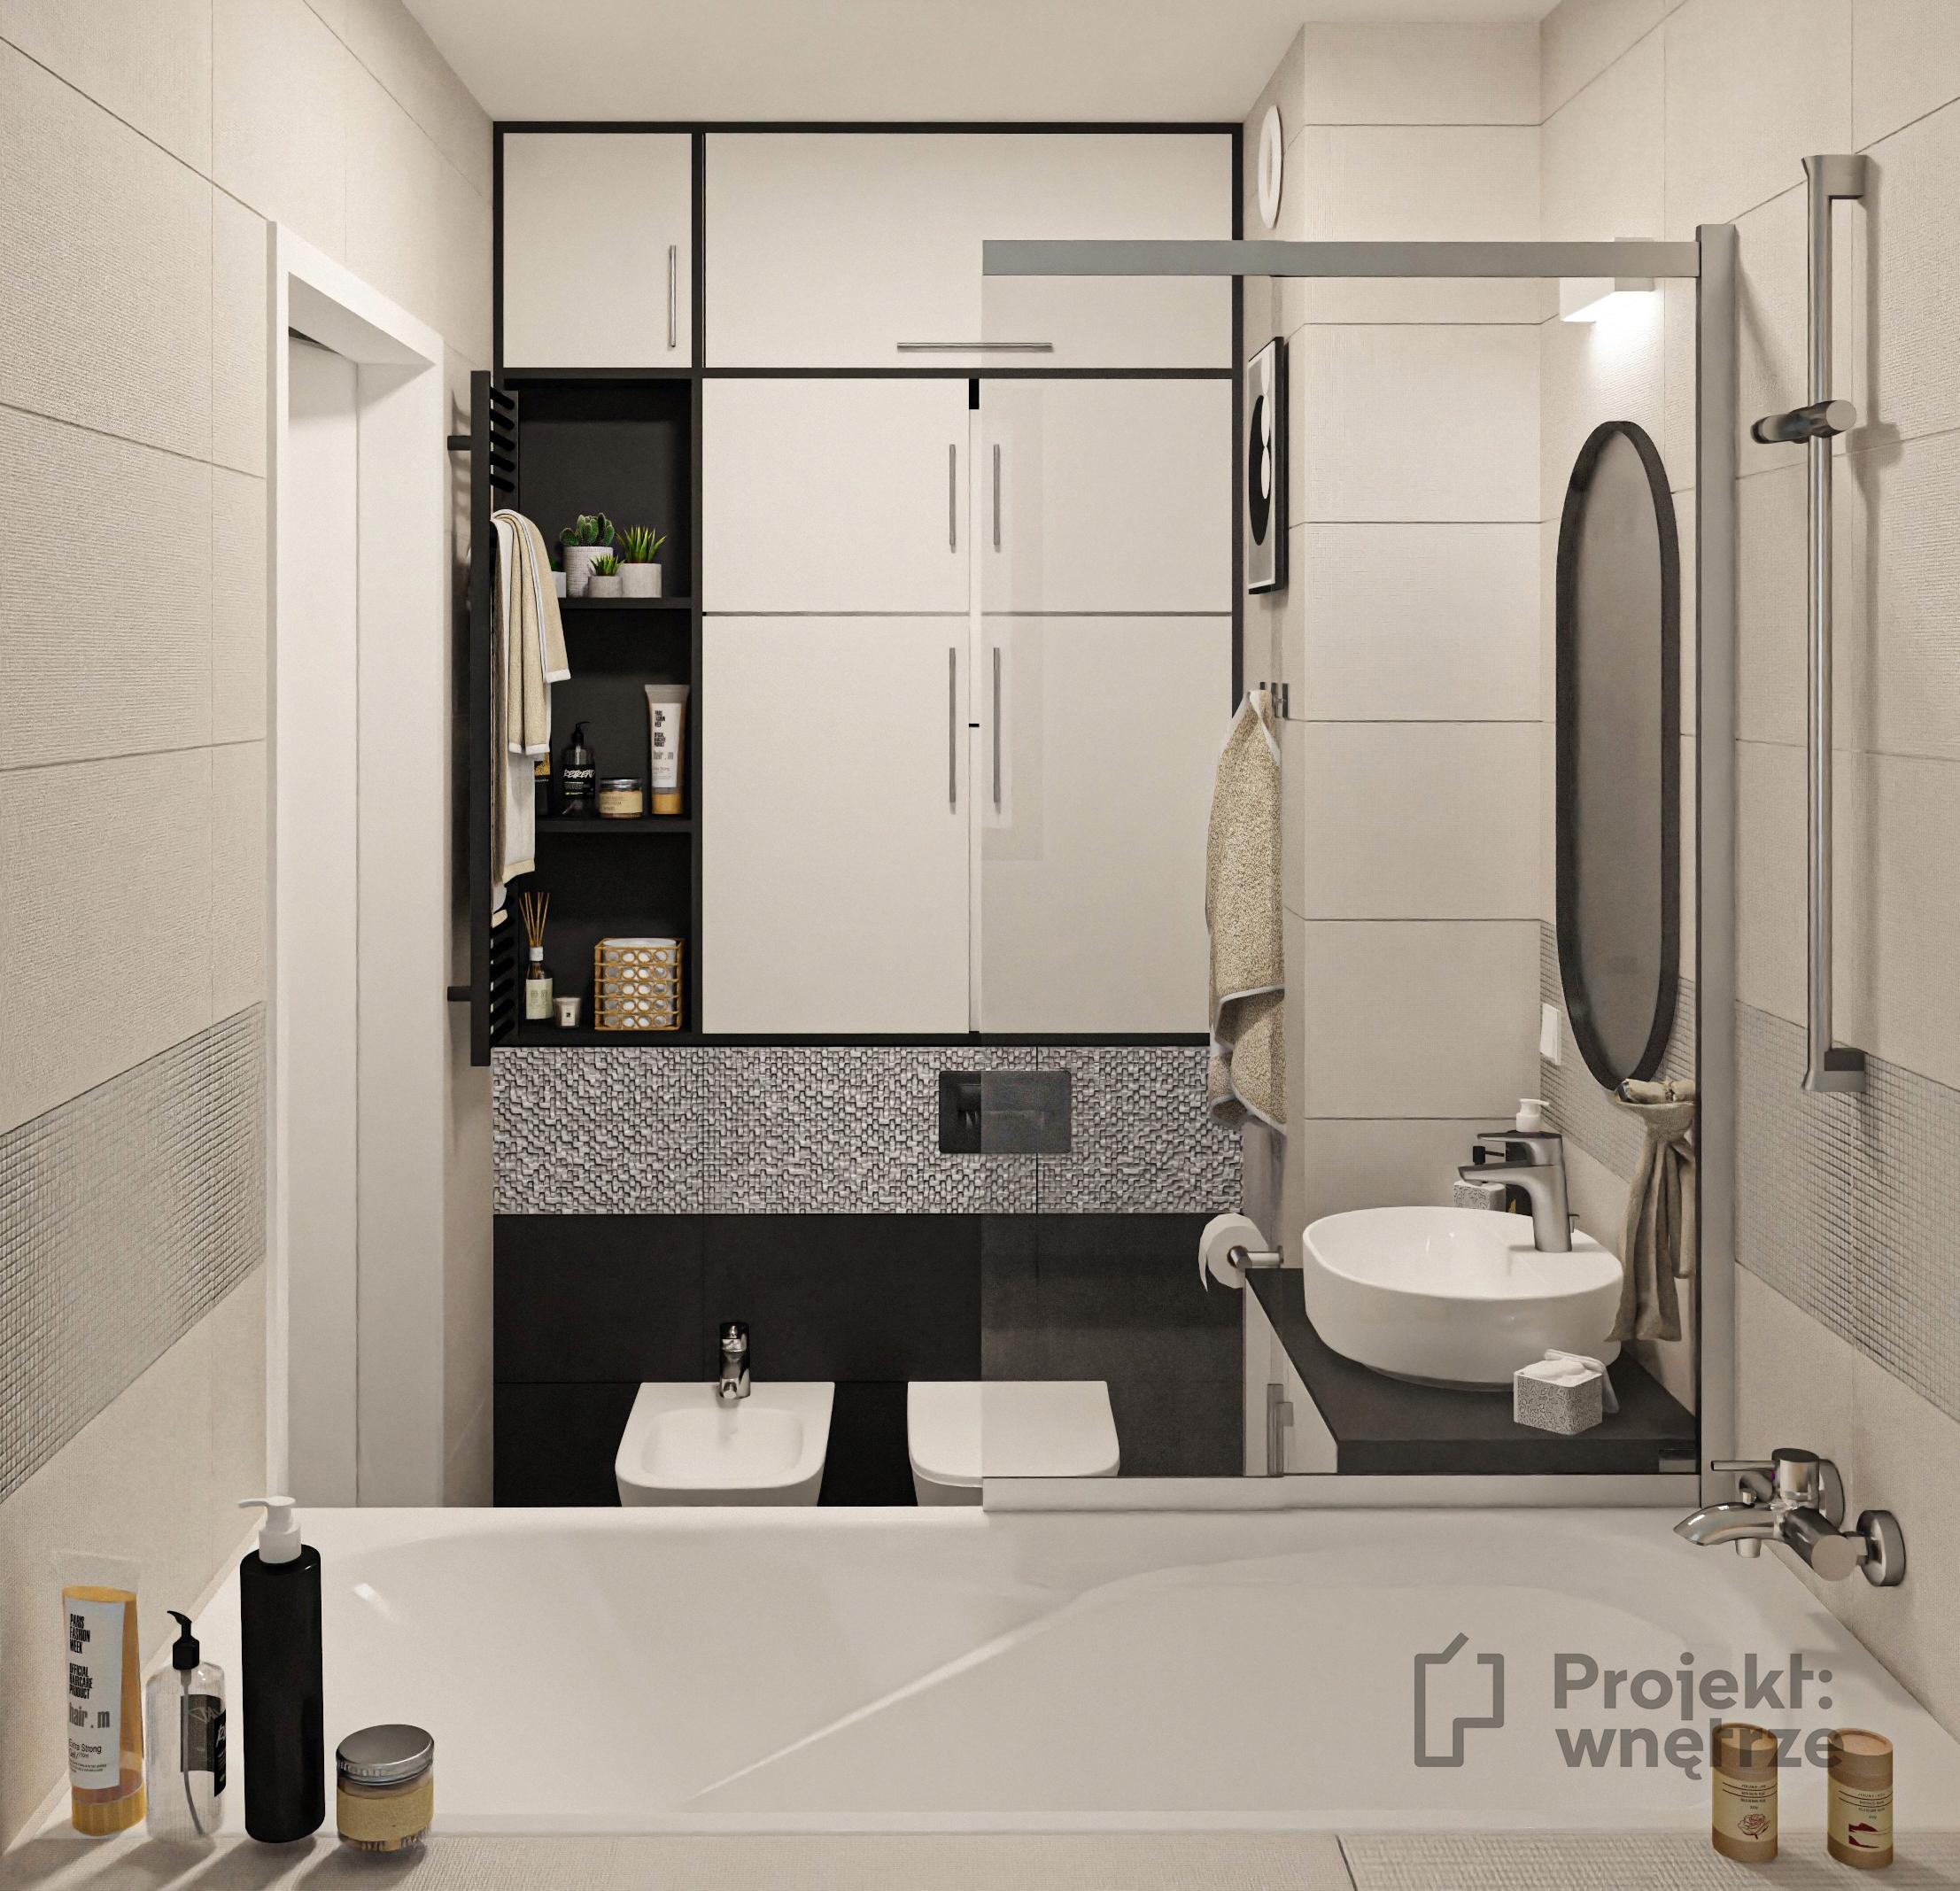 Projekt łazienki owalne lustro beż srebrny dekor czerń - mała łazienka z wanną - Projekt: wnętrze - projekty łazienek Warszawa online